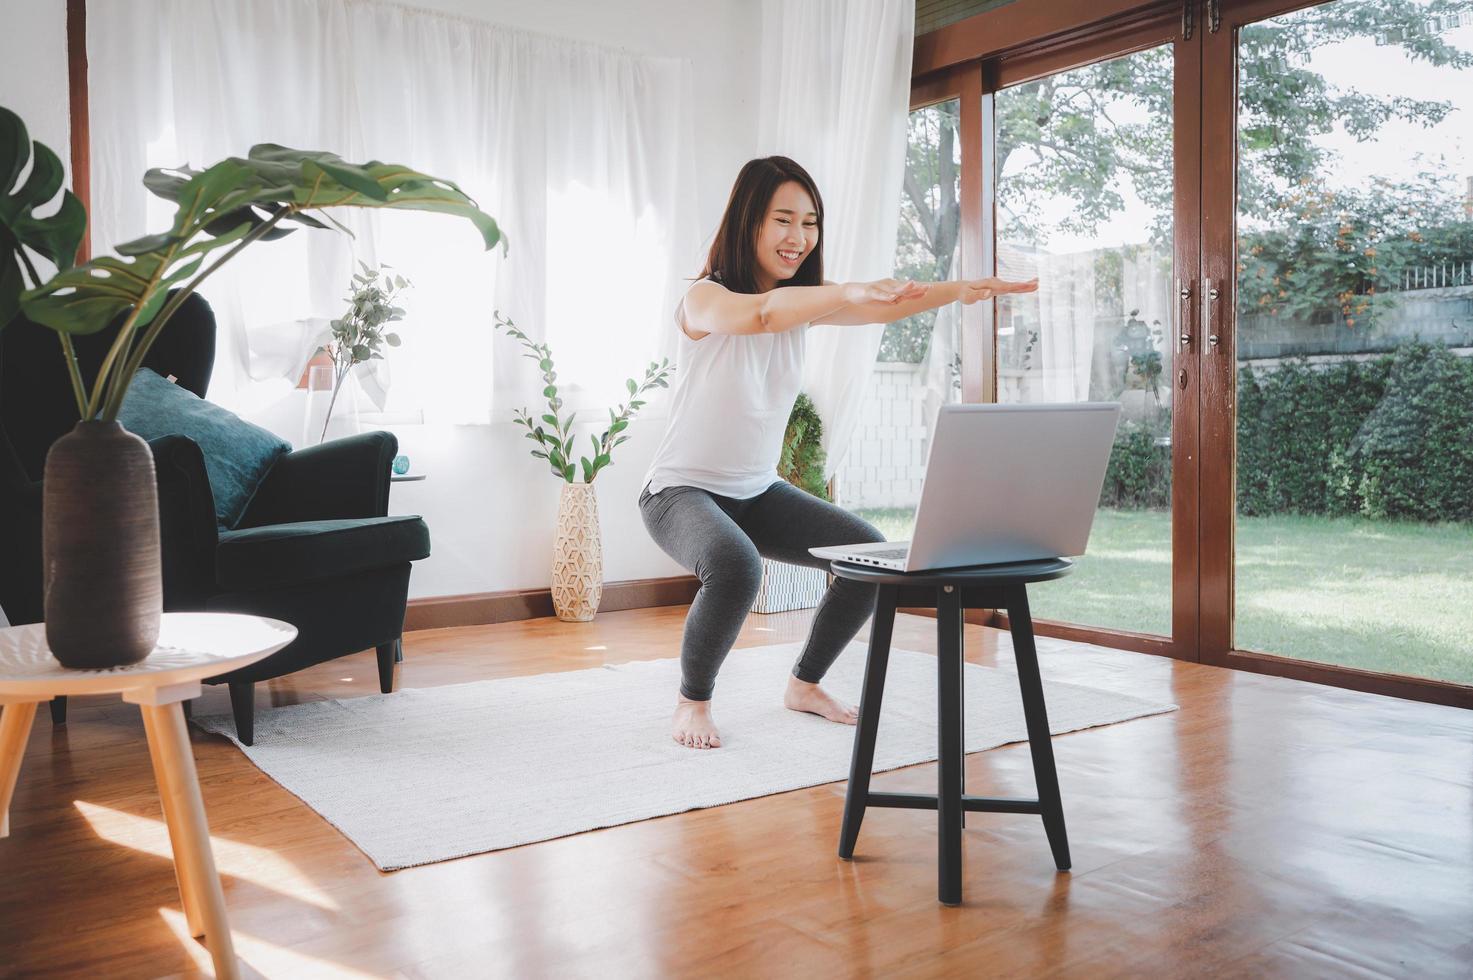 donna che impara la classe di esercitazione di allenamento online a casa dal computer portatile foto